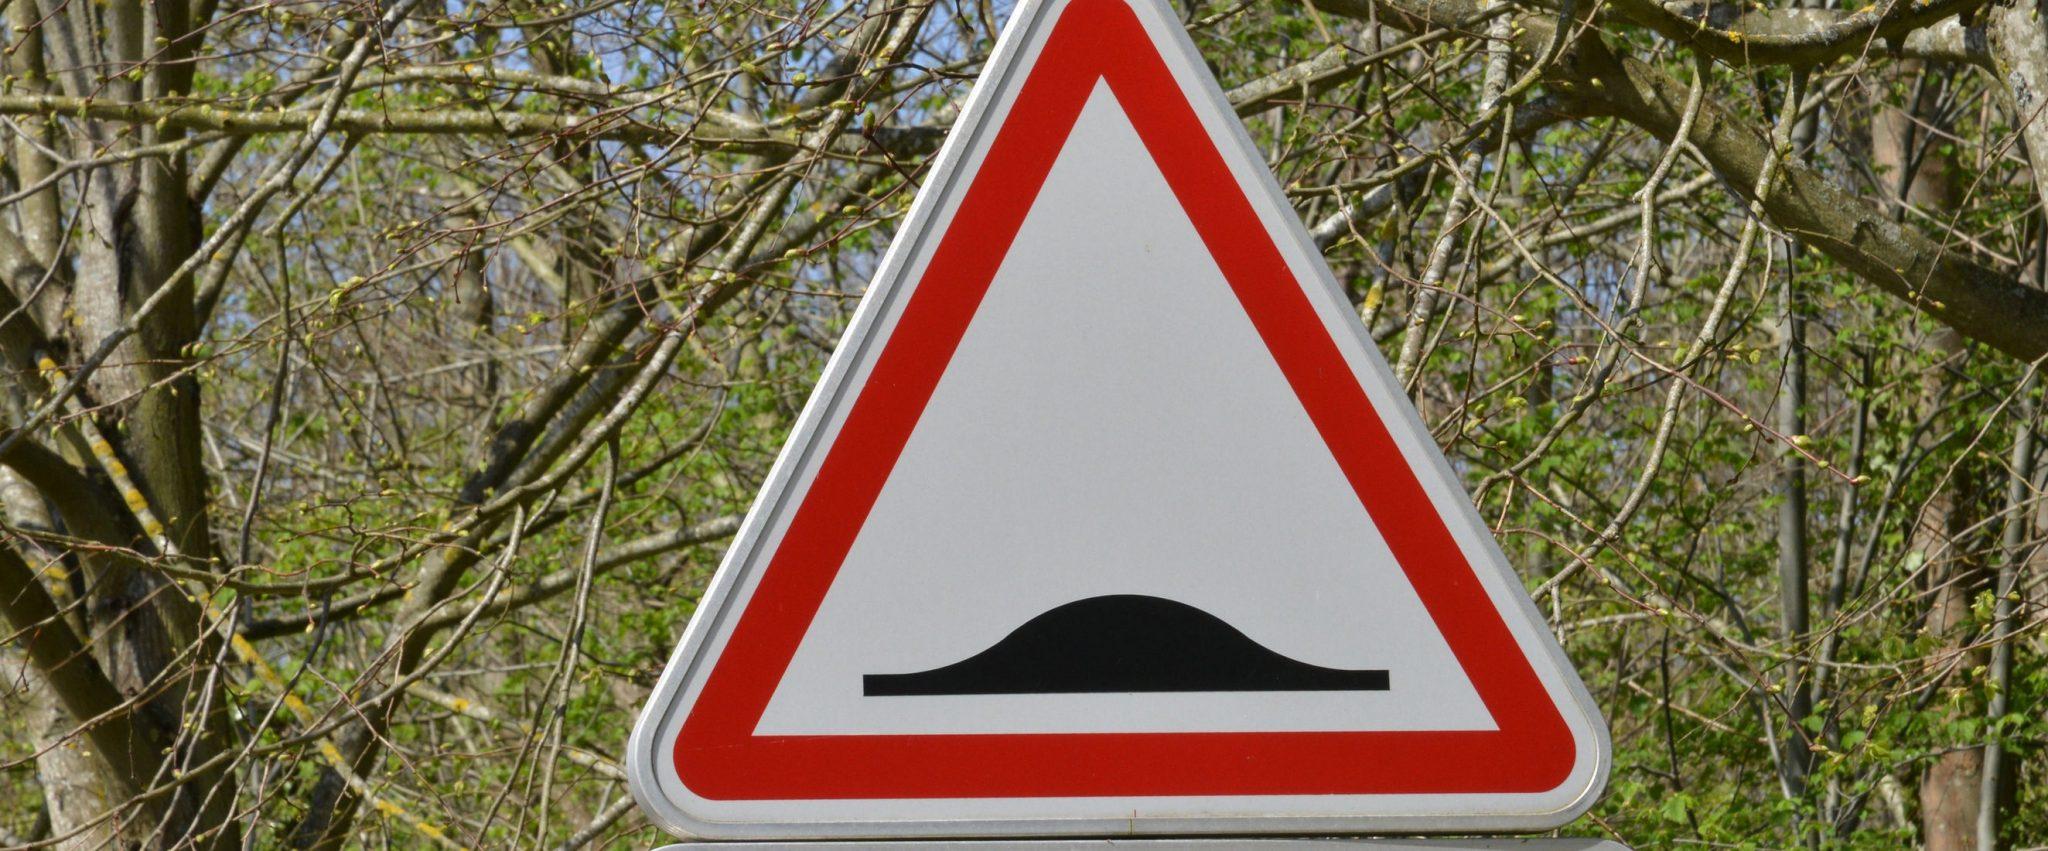 Cómo afectan los badenes a los vehiculos